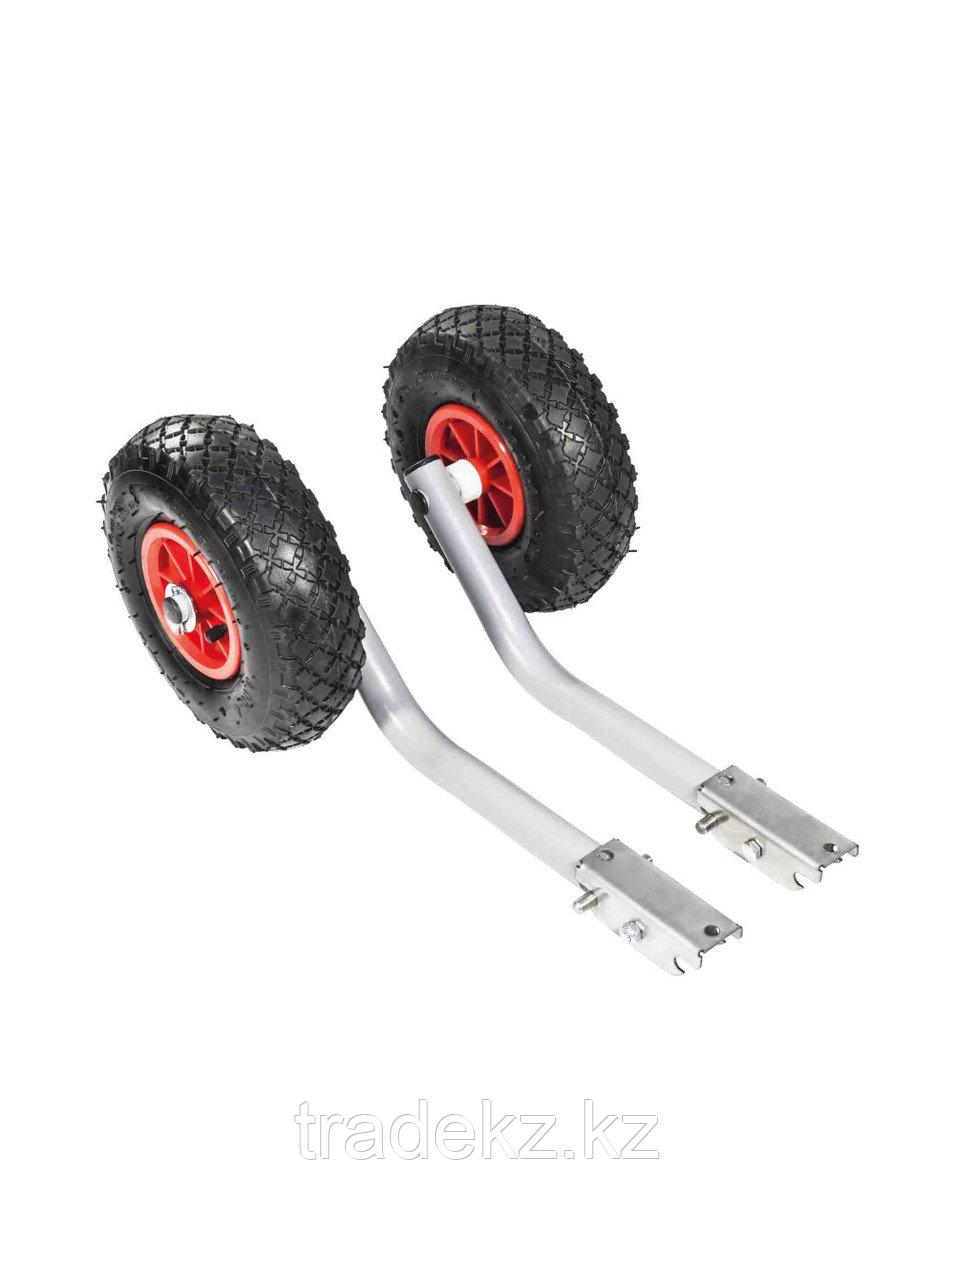 Колеса транспортировочные транцевые СК оцинкованные быстросъёмные